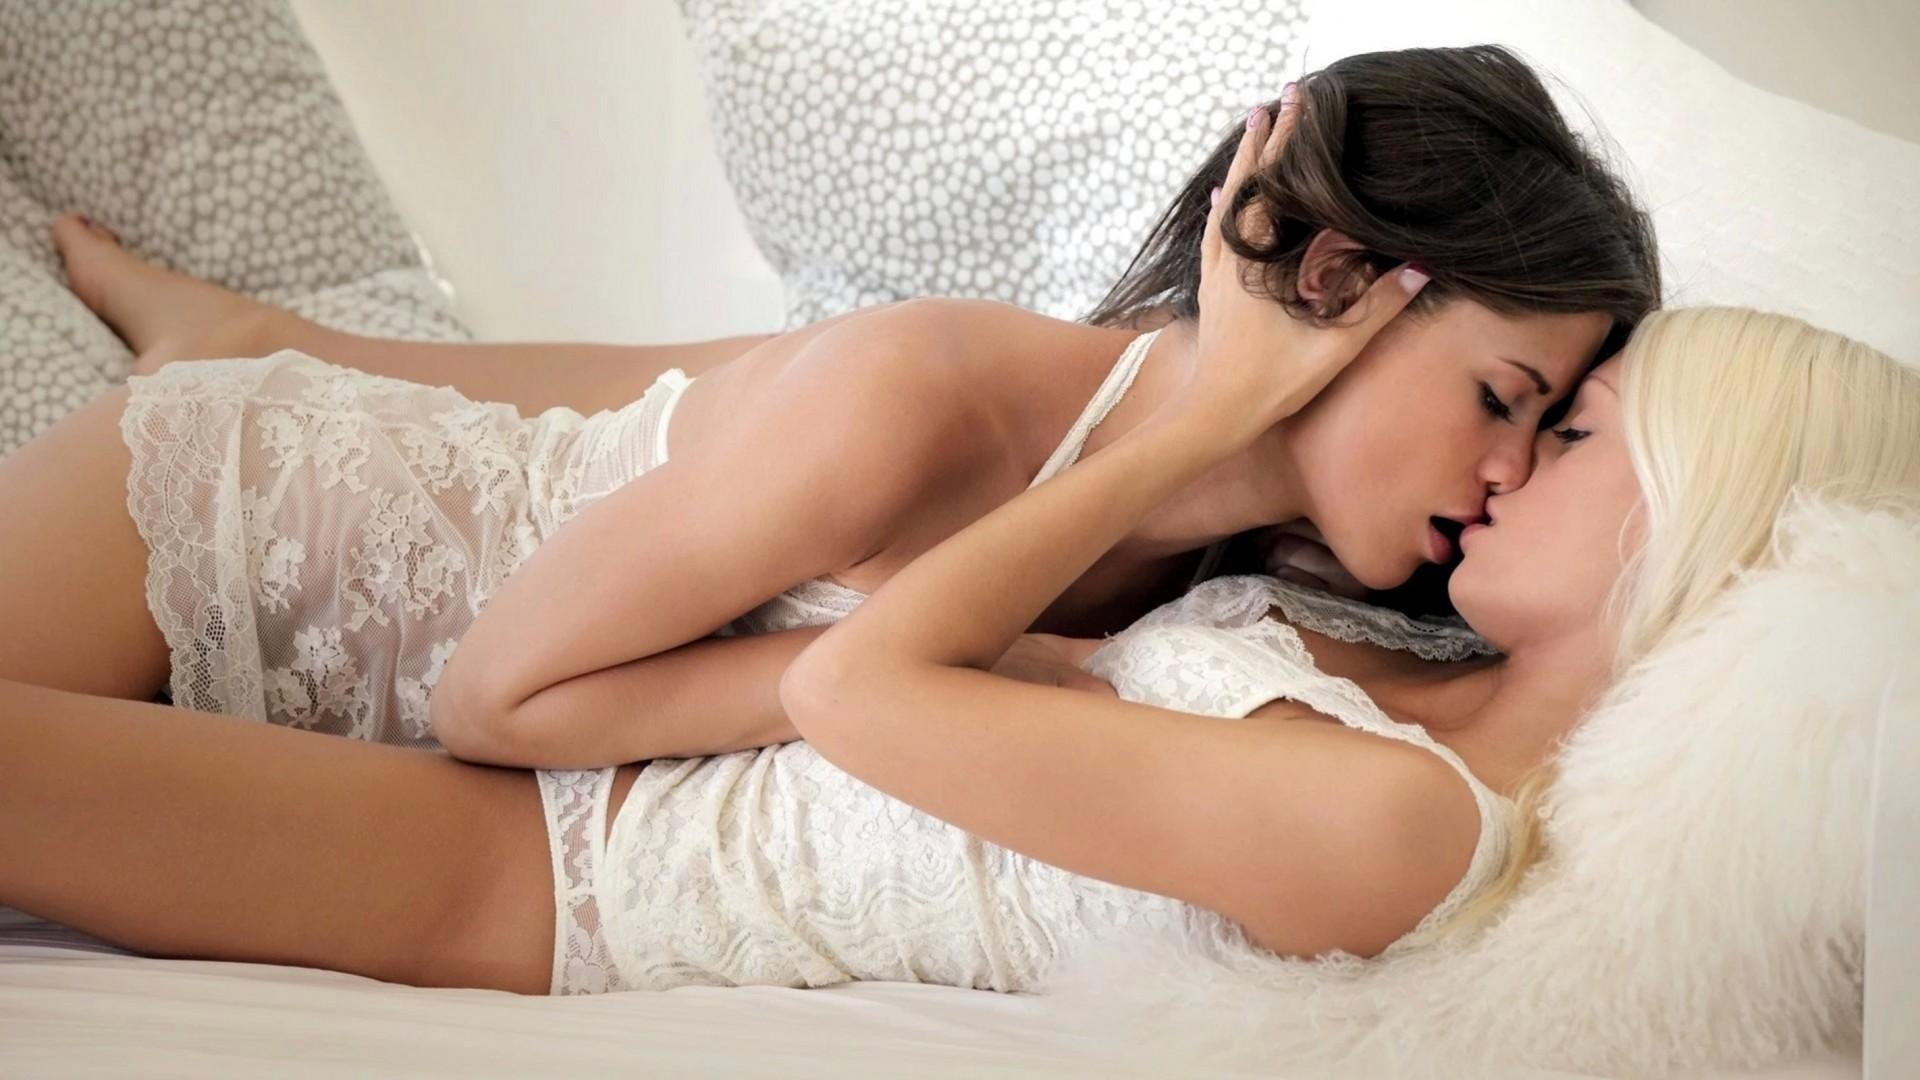 Студенток красавицы лесби в постели классных